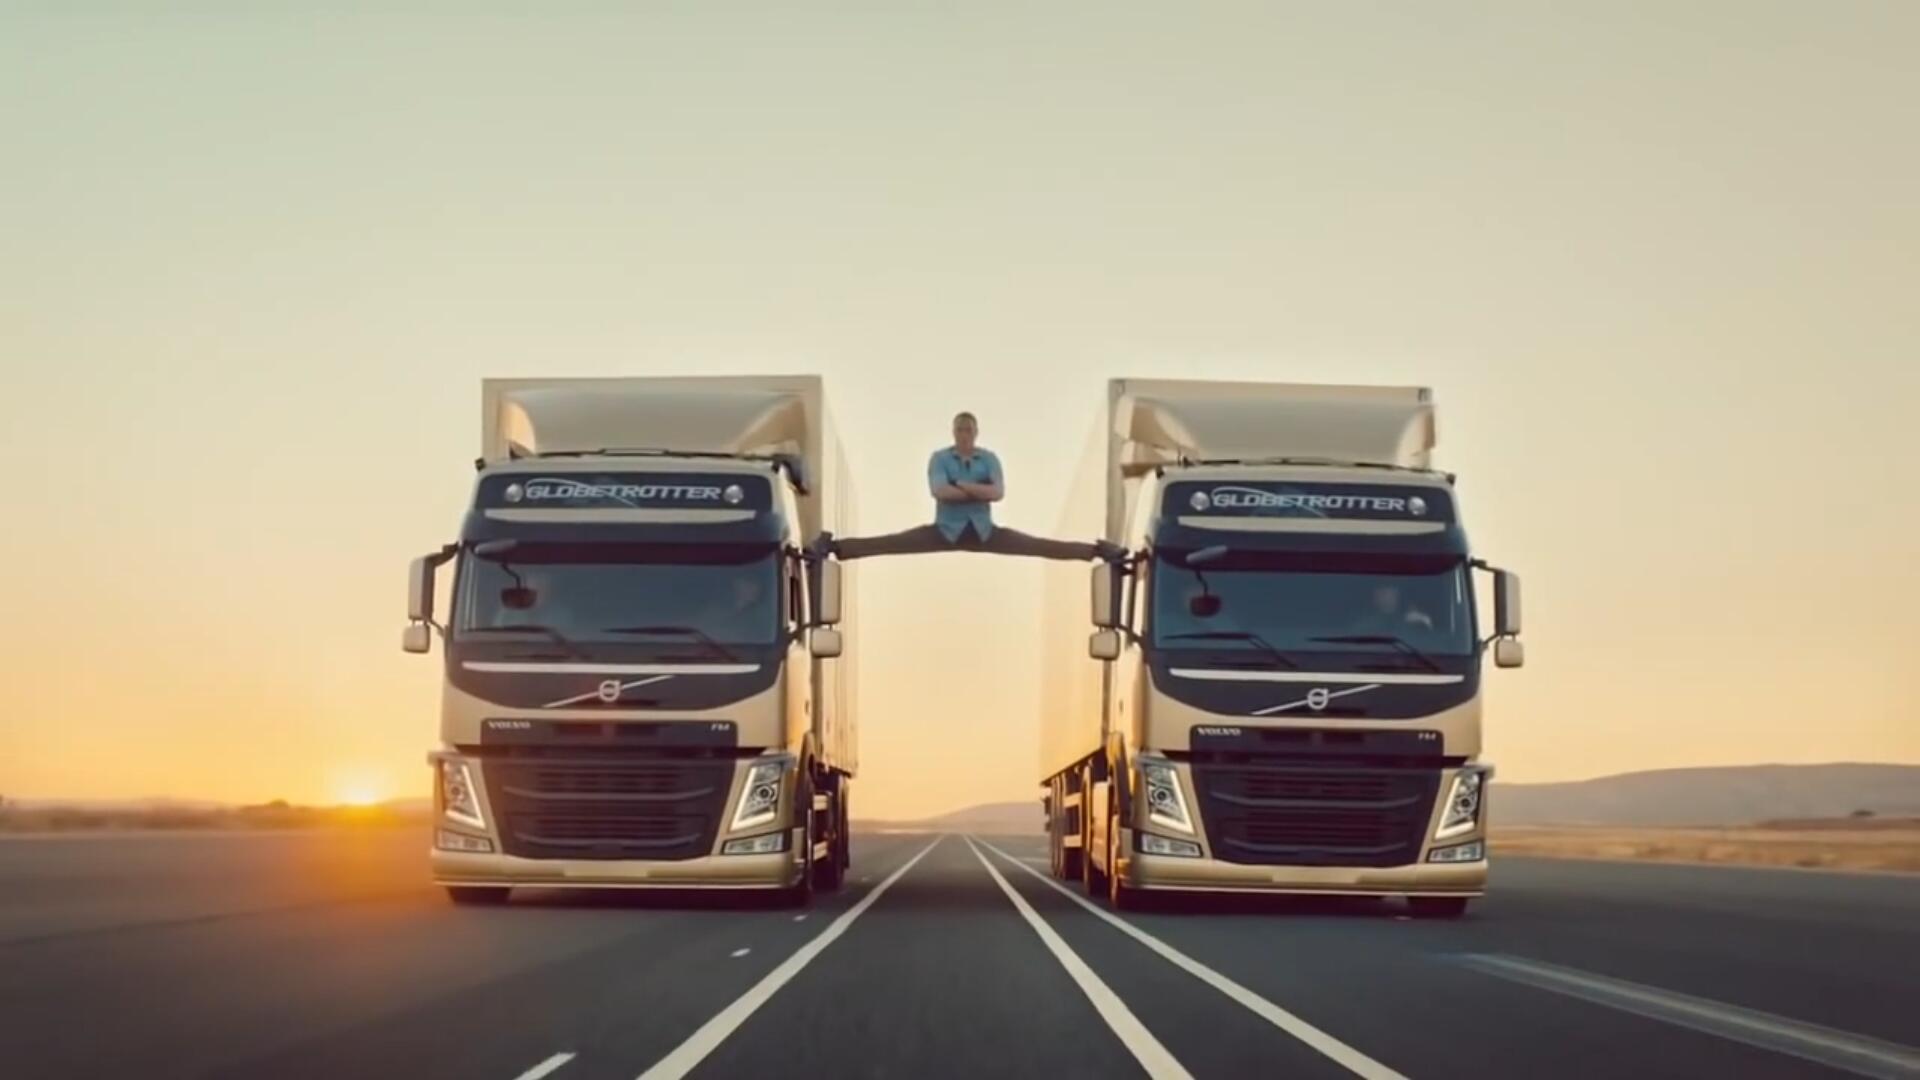 广告: 沃尔沃货車 一镜到底神技